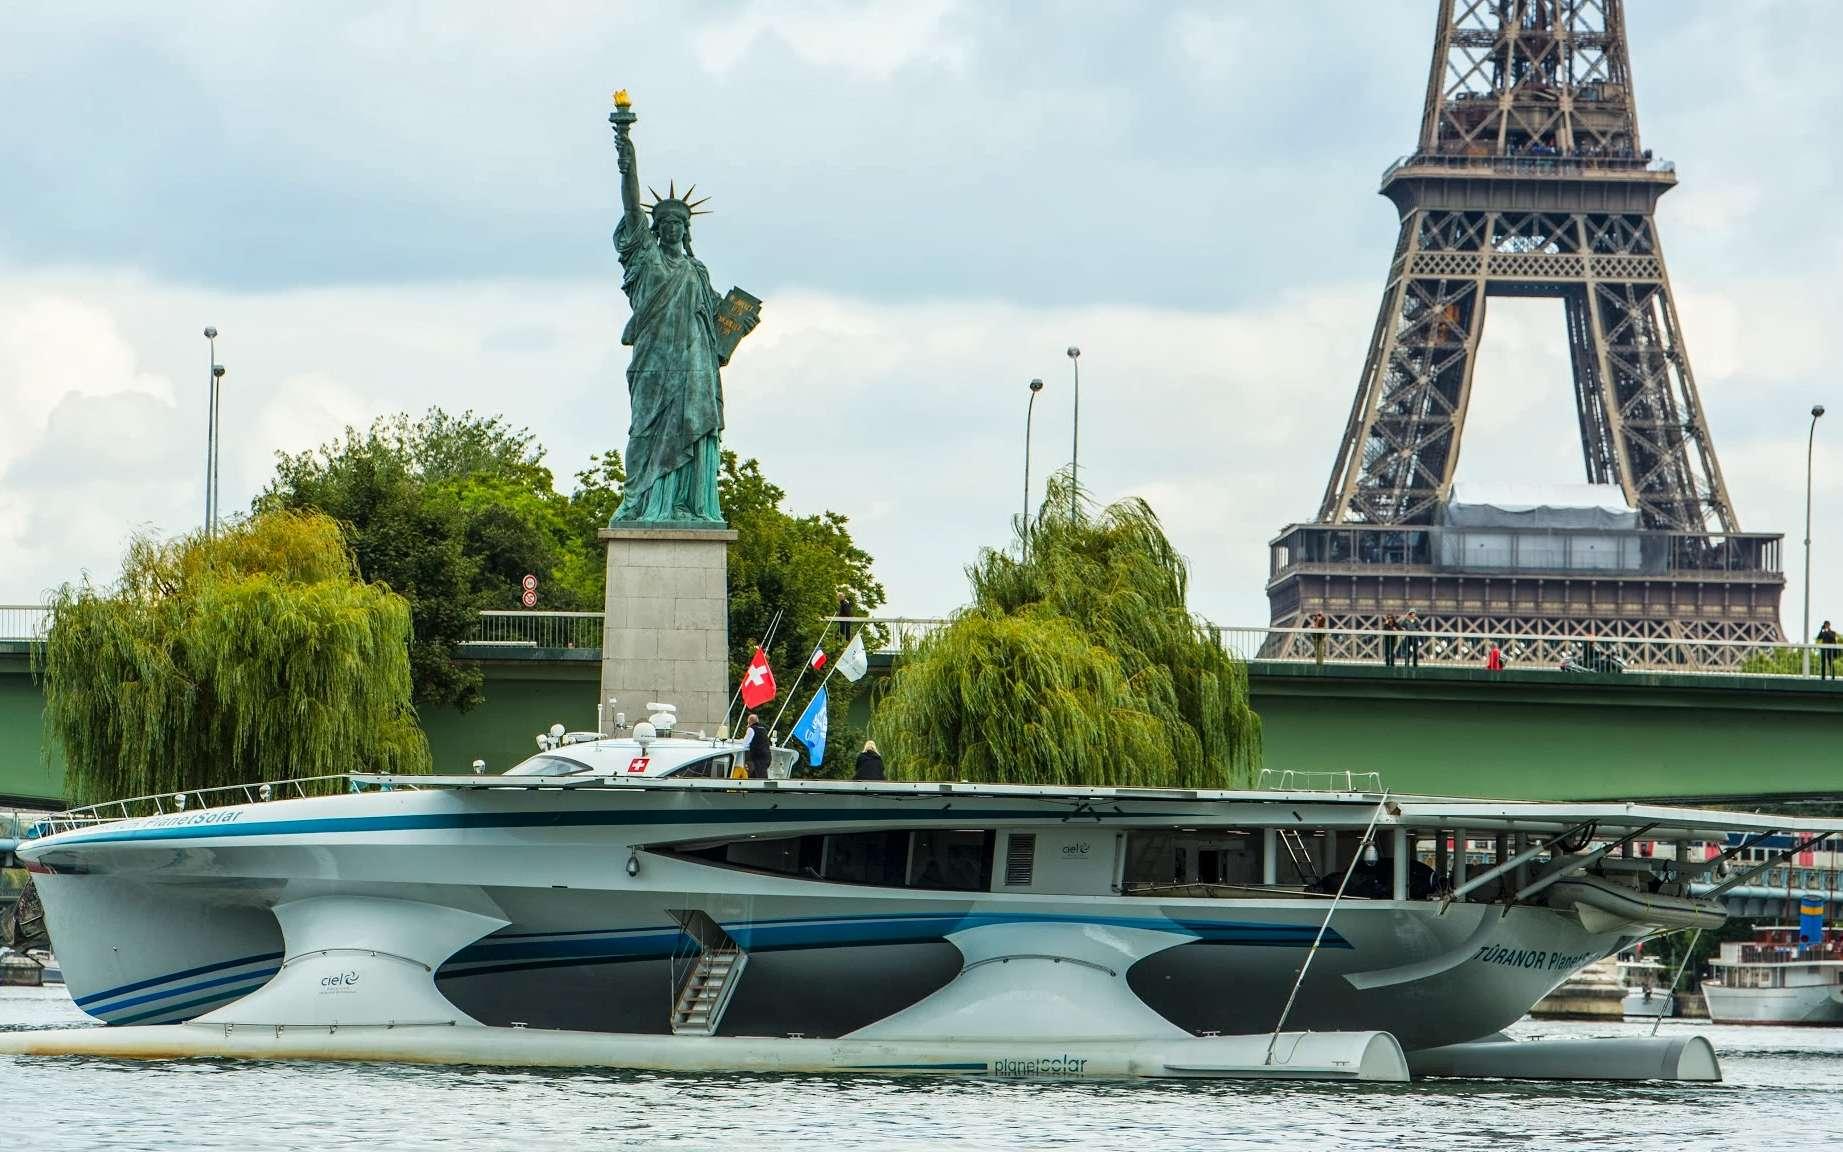 Le MS Tûranor PlanetSolar mesure 35 m de long, pour 15 m de large (23 m avec les « flaps » sortis). Il se caractérise par un tirant d'eau de seulement 1,55 m, de quoi lui permettre de facilement remonter des fleuves, comme la Seine. © Philip Plisson, 2013